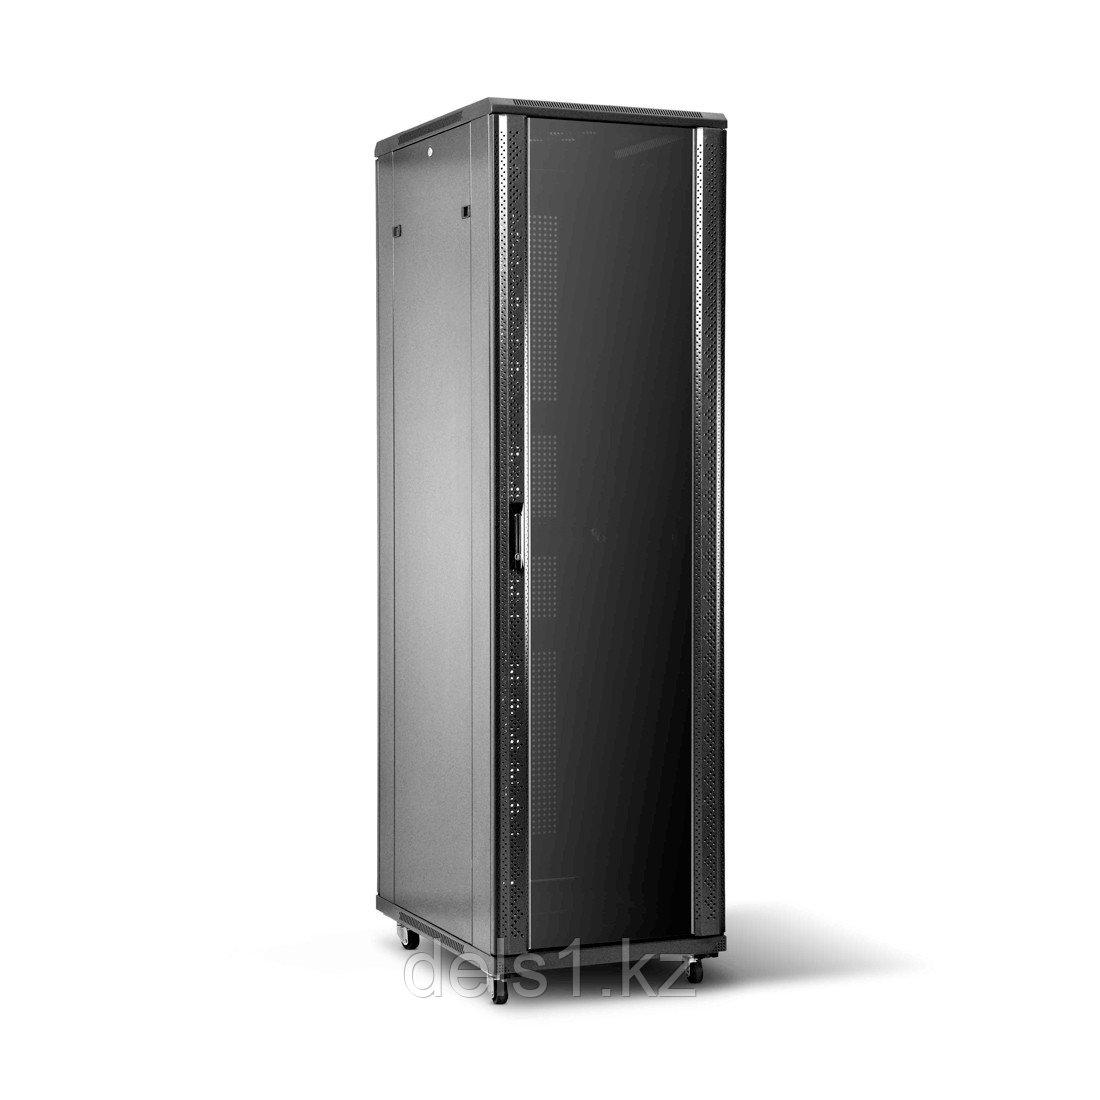 Шкаф серверный напольный SHIP 601S.8047.24.100 47U 800*1000*2200 мм